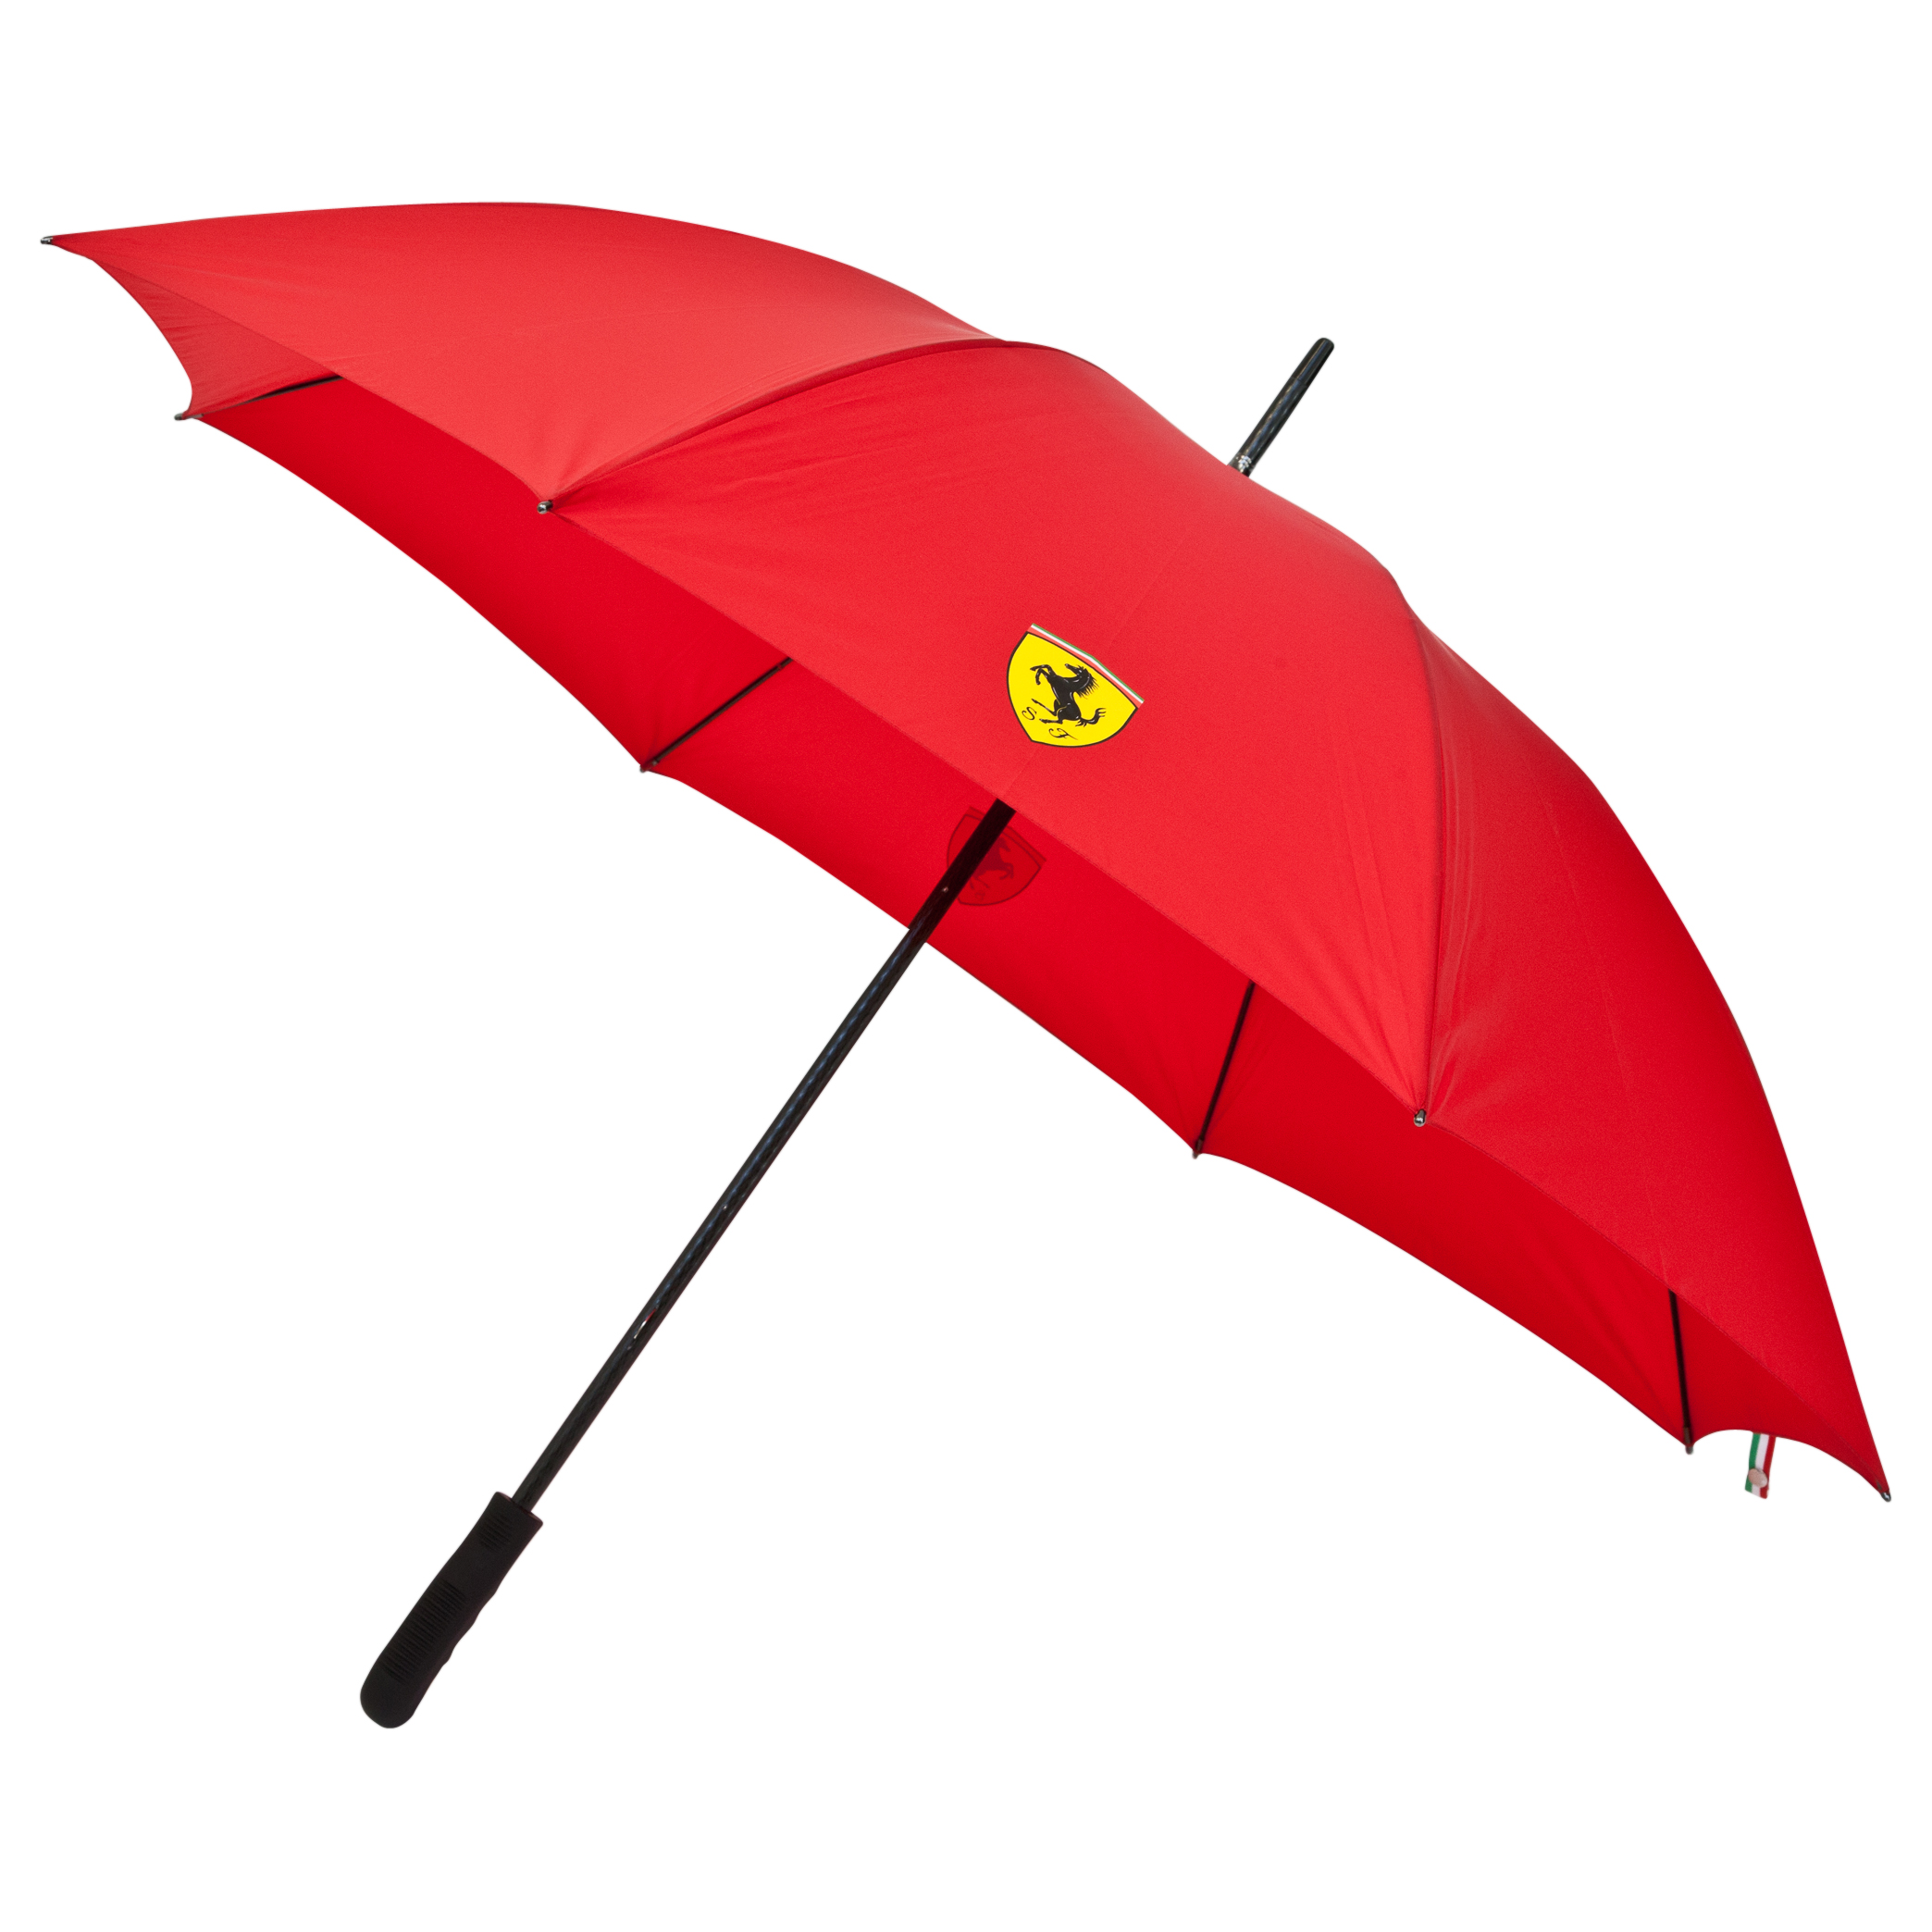 Scuderia Ferrari Scuderia Umbrella